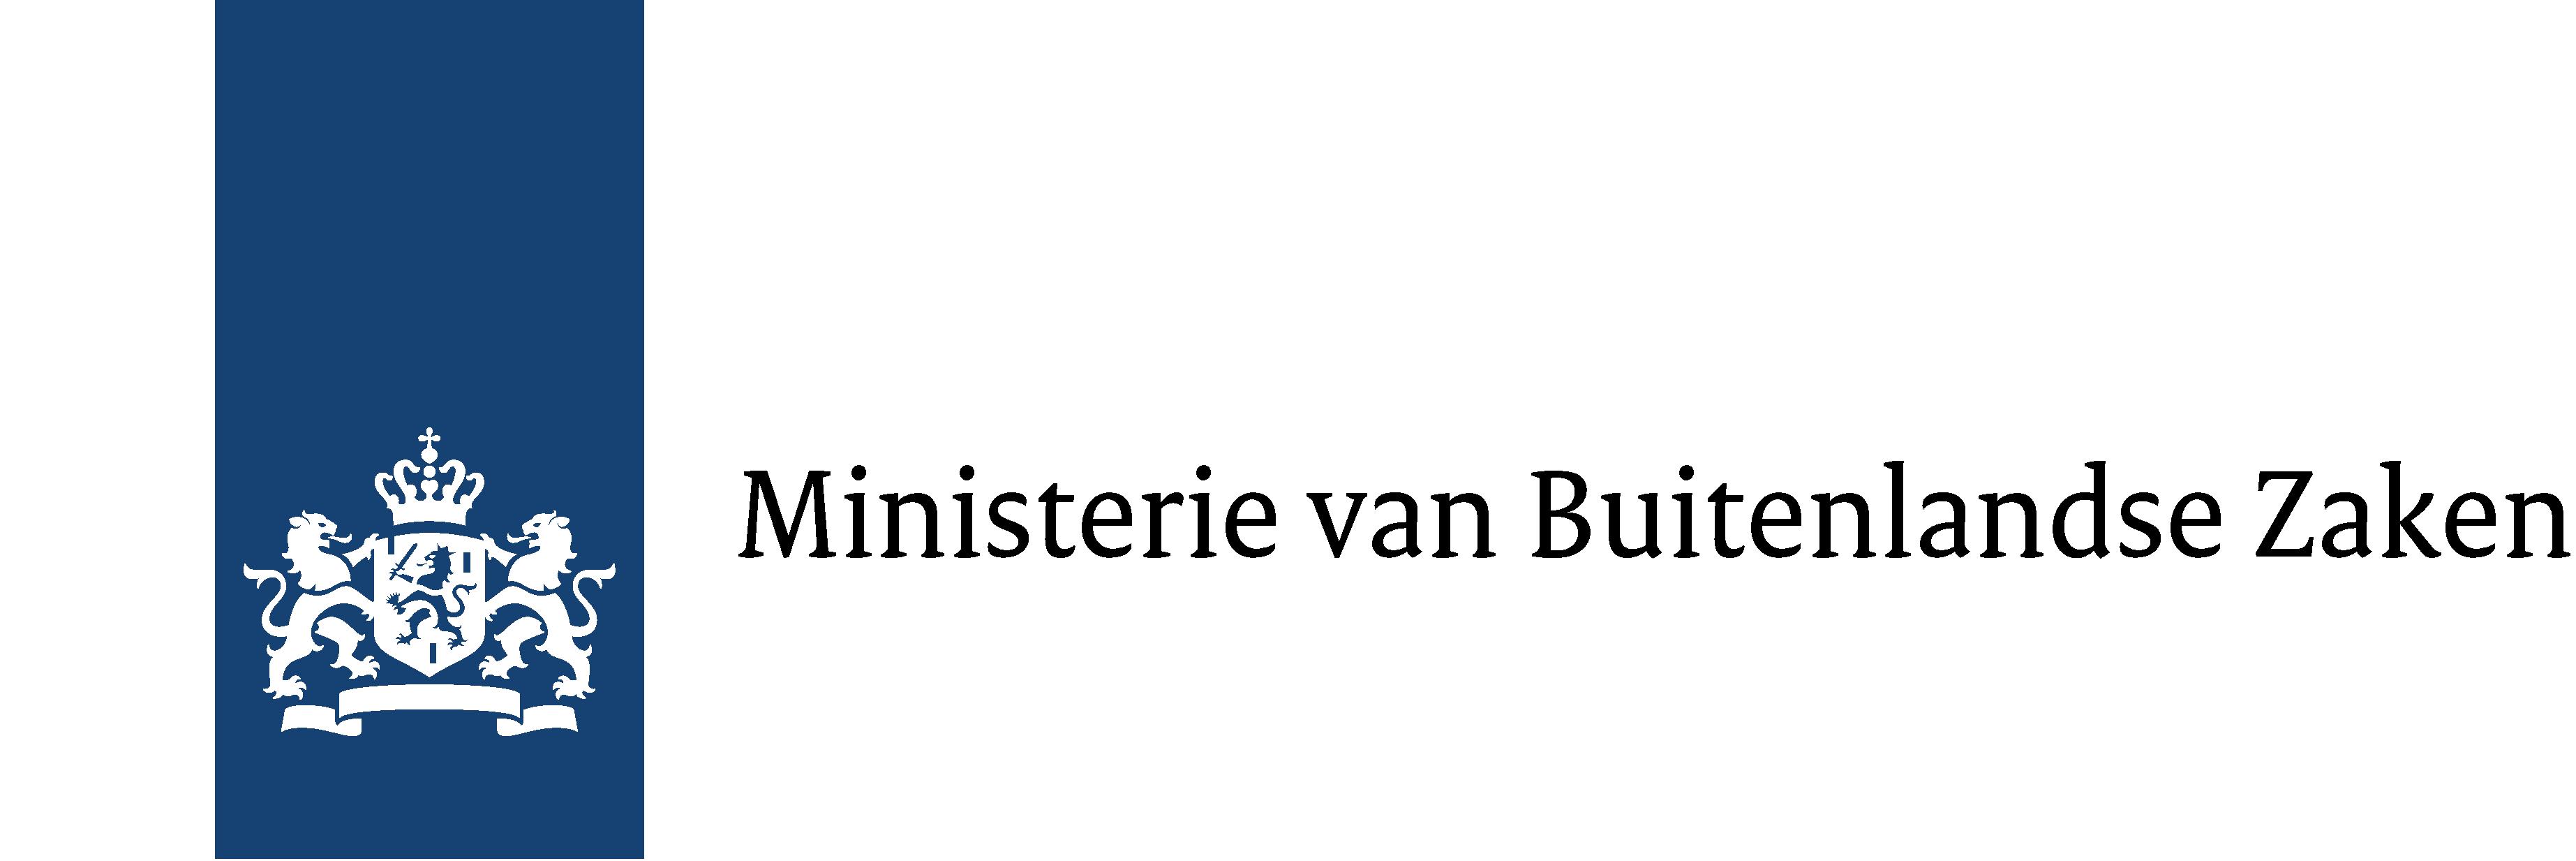 Ministerie Buitelandse Zaken Logo